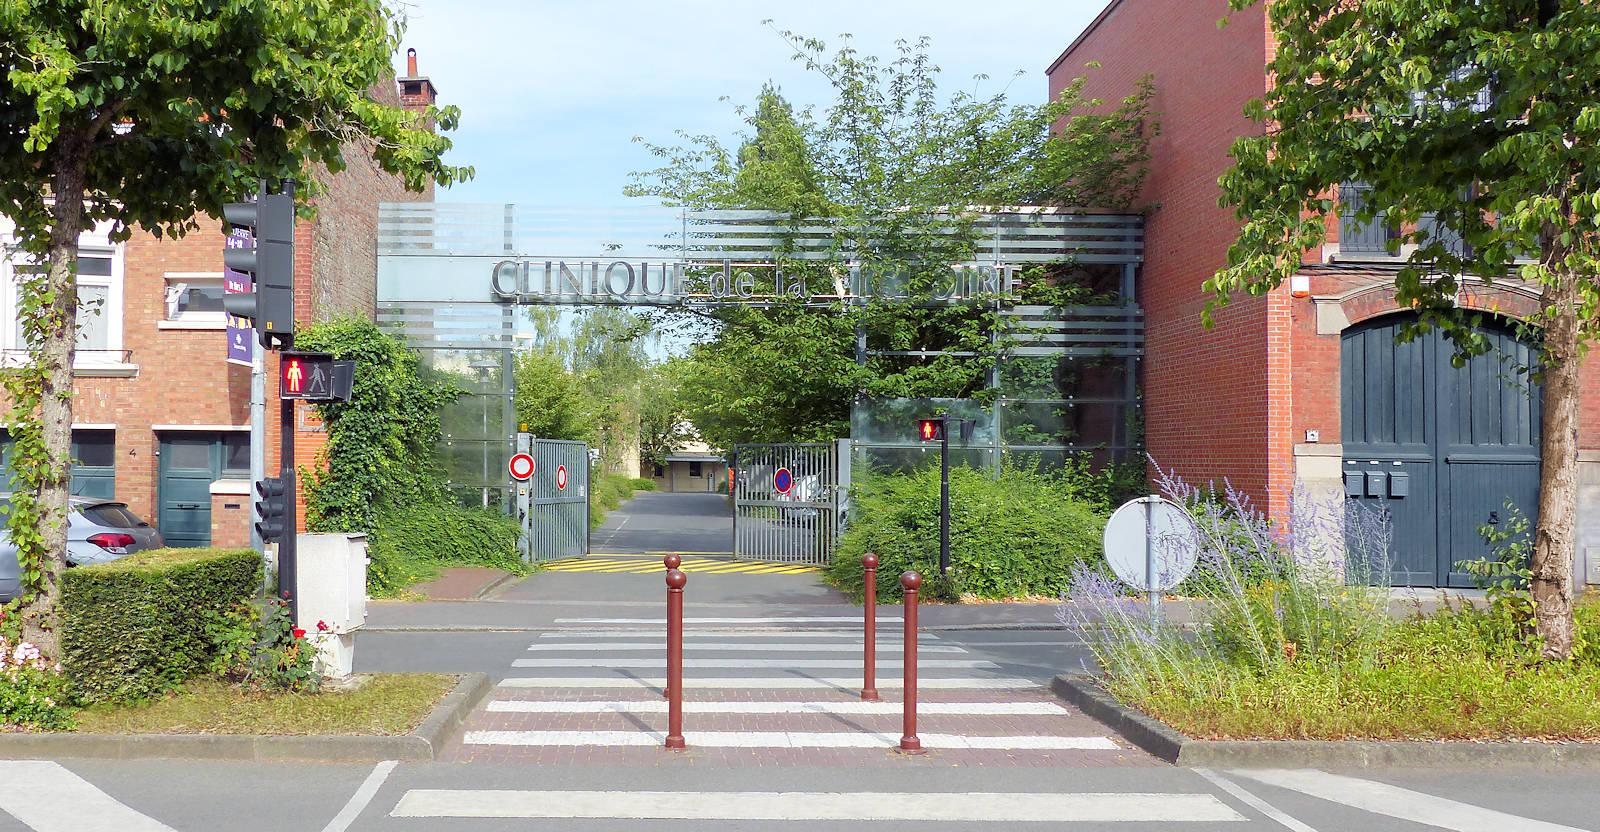 Cliniques Tourcoing - Clinique de la Victoire, sortie parking rue Wattinne